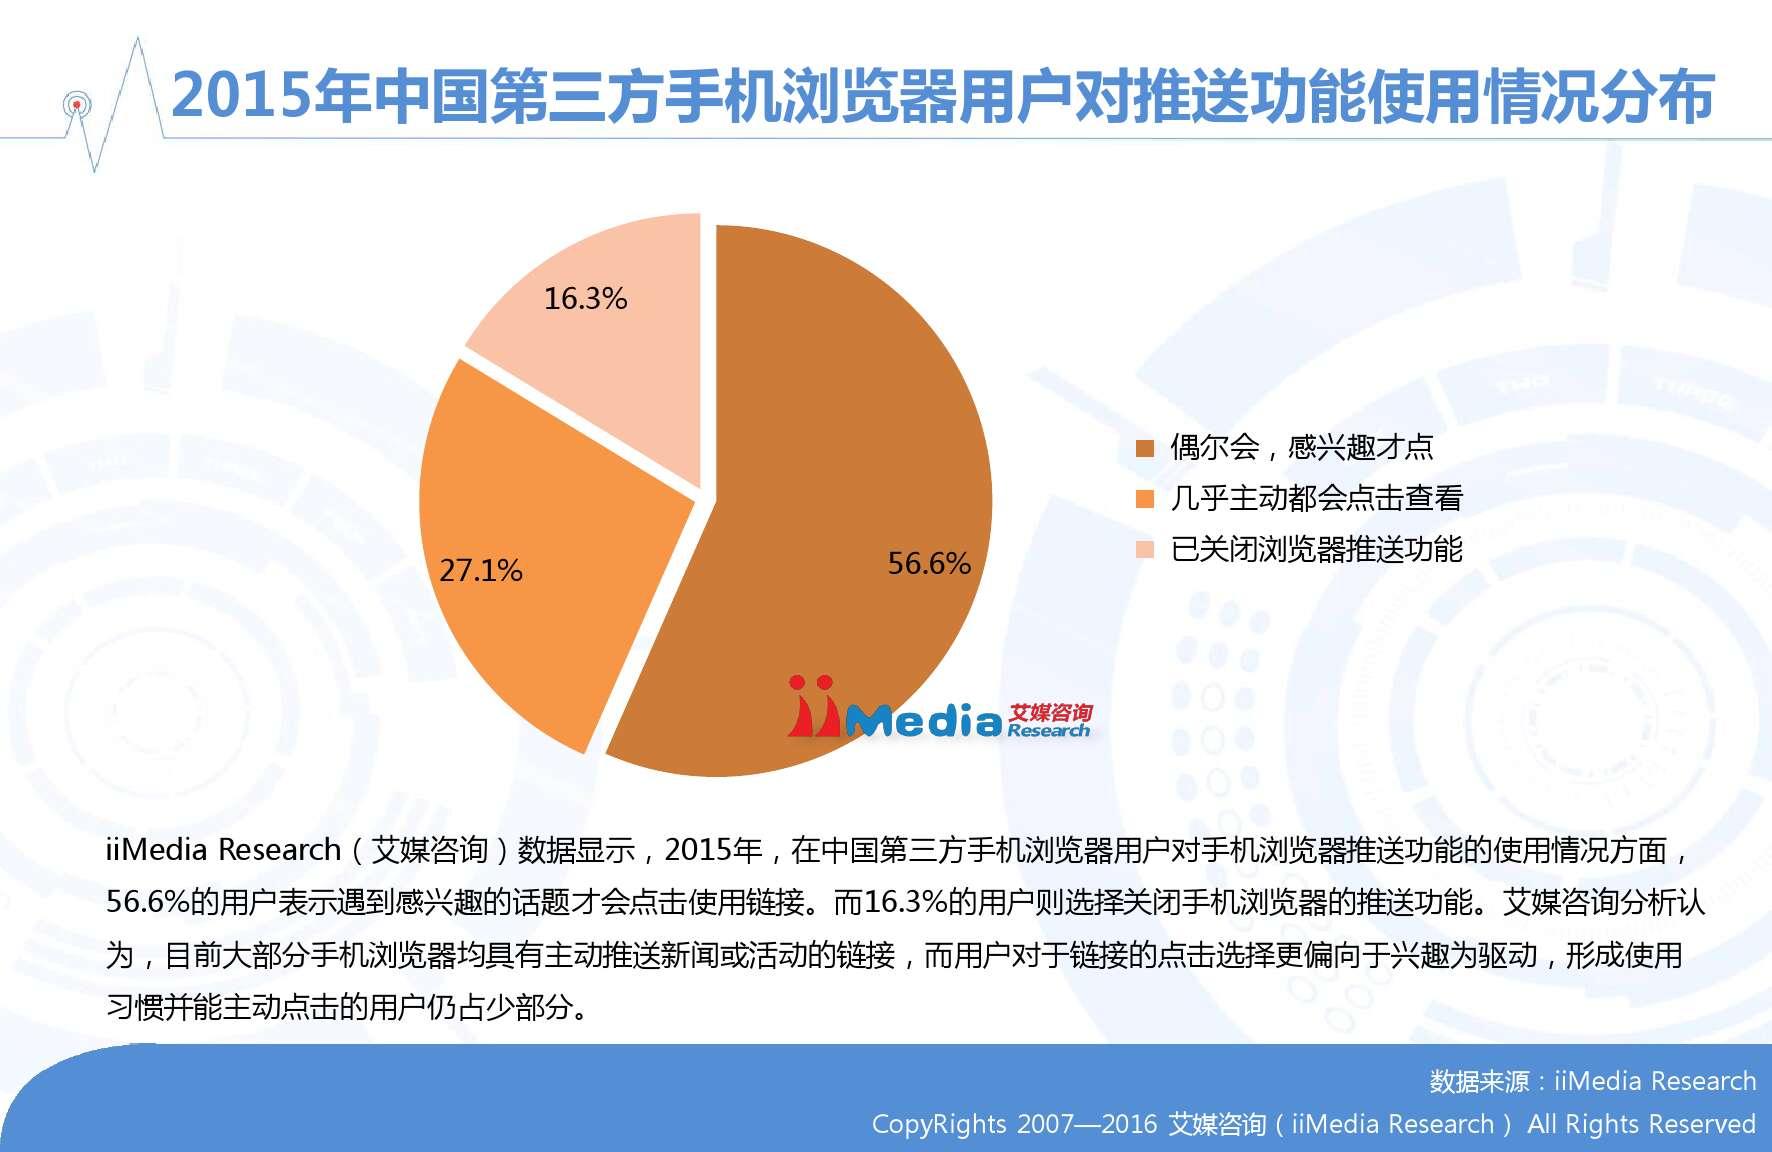 艾媒咨询:2015-2016年中国手机浏览器市场研究报告_000022